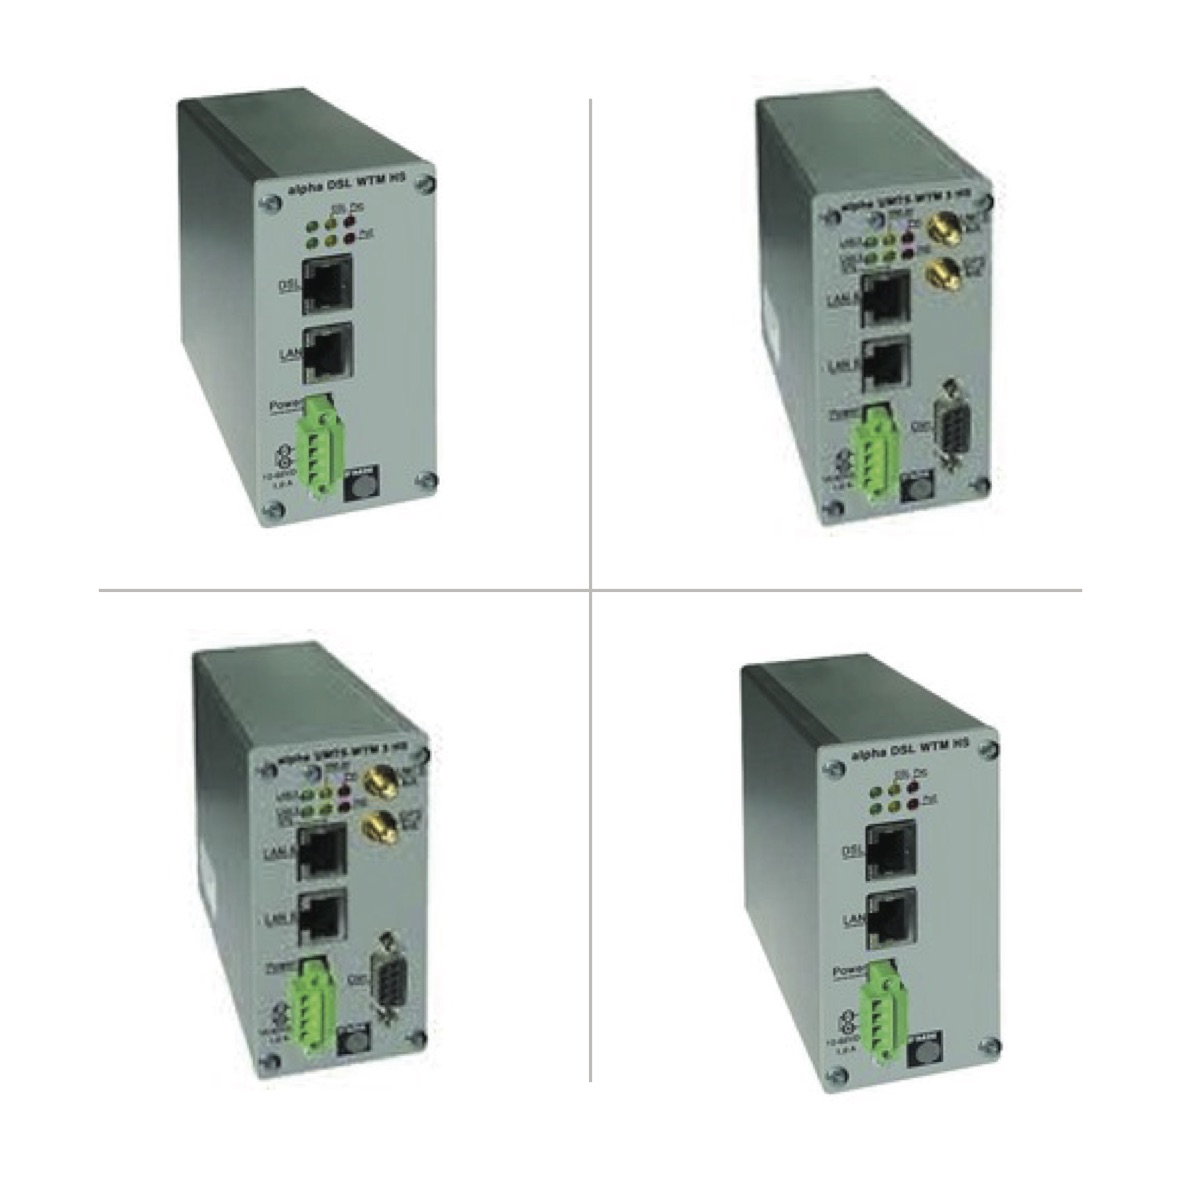 Hirschmann Wide Area Networking